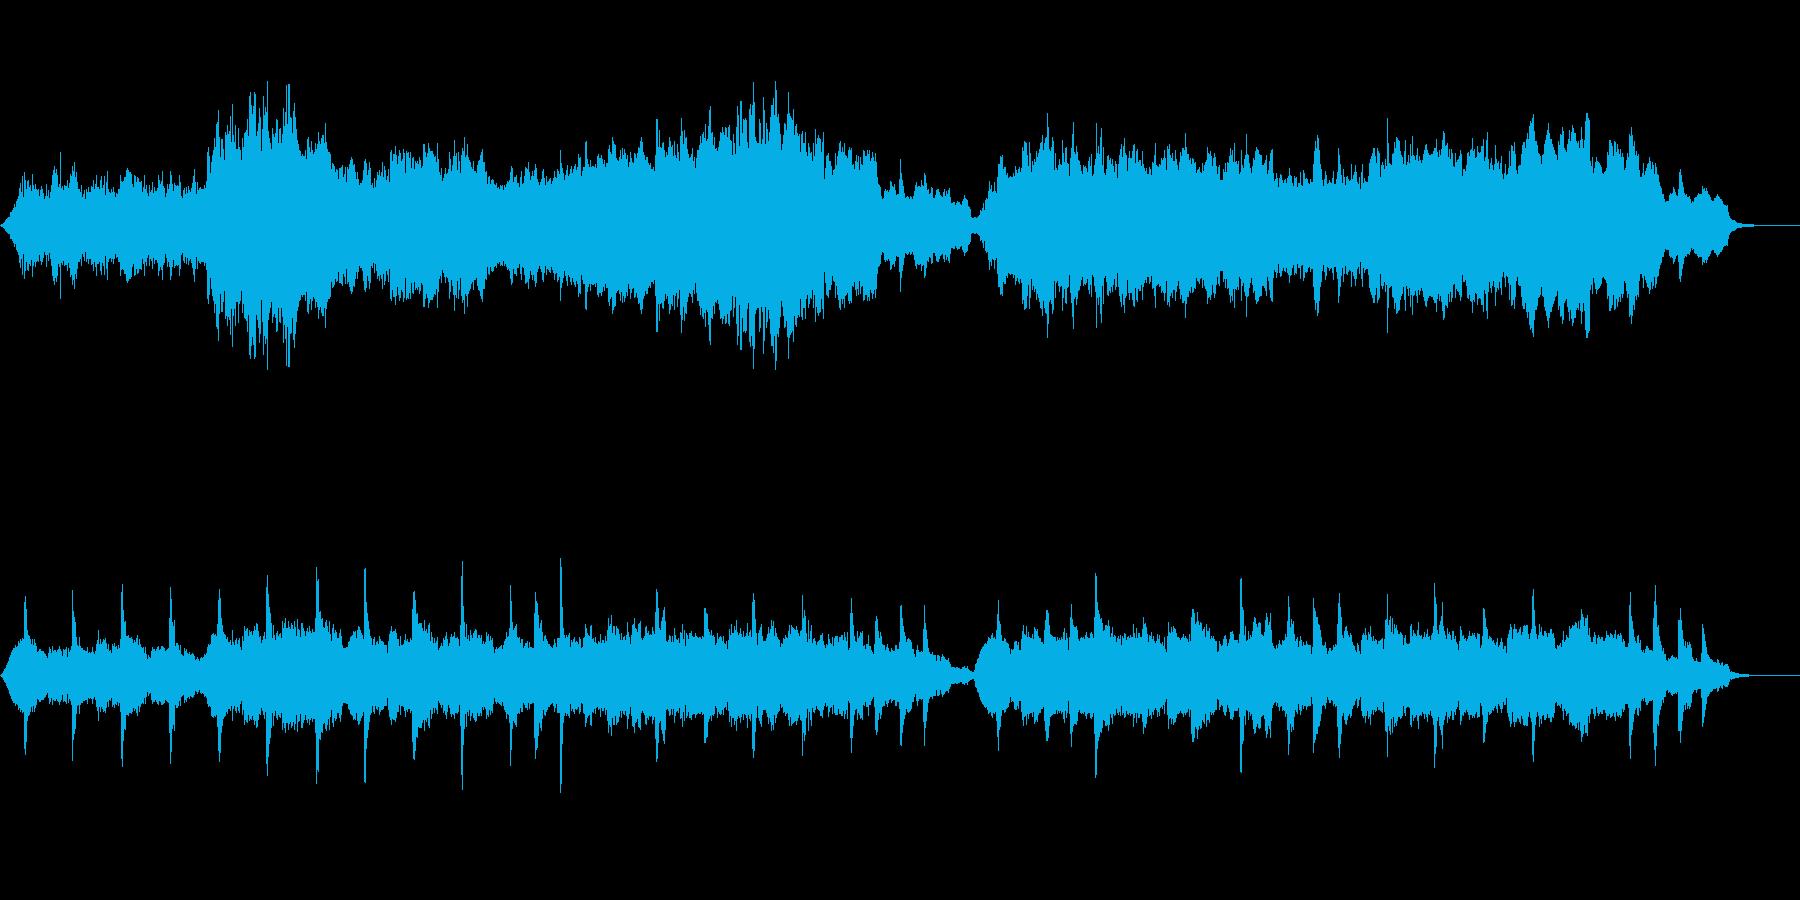 メジャー系のなぐさめのメロディ~弦楽奏~の再生済みの波形